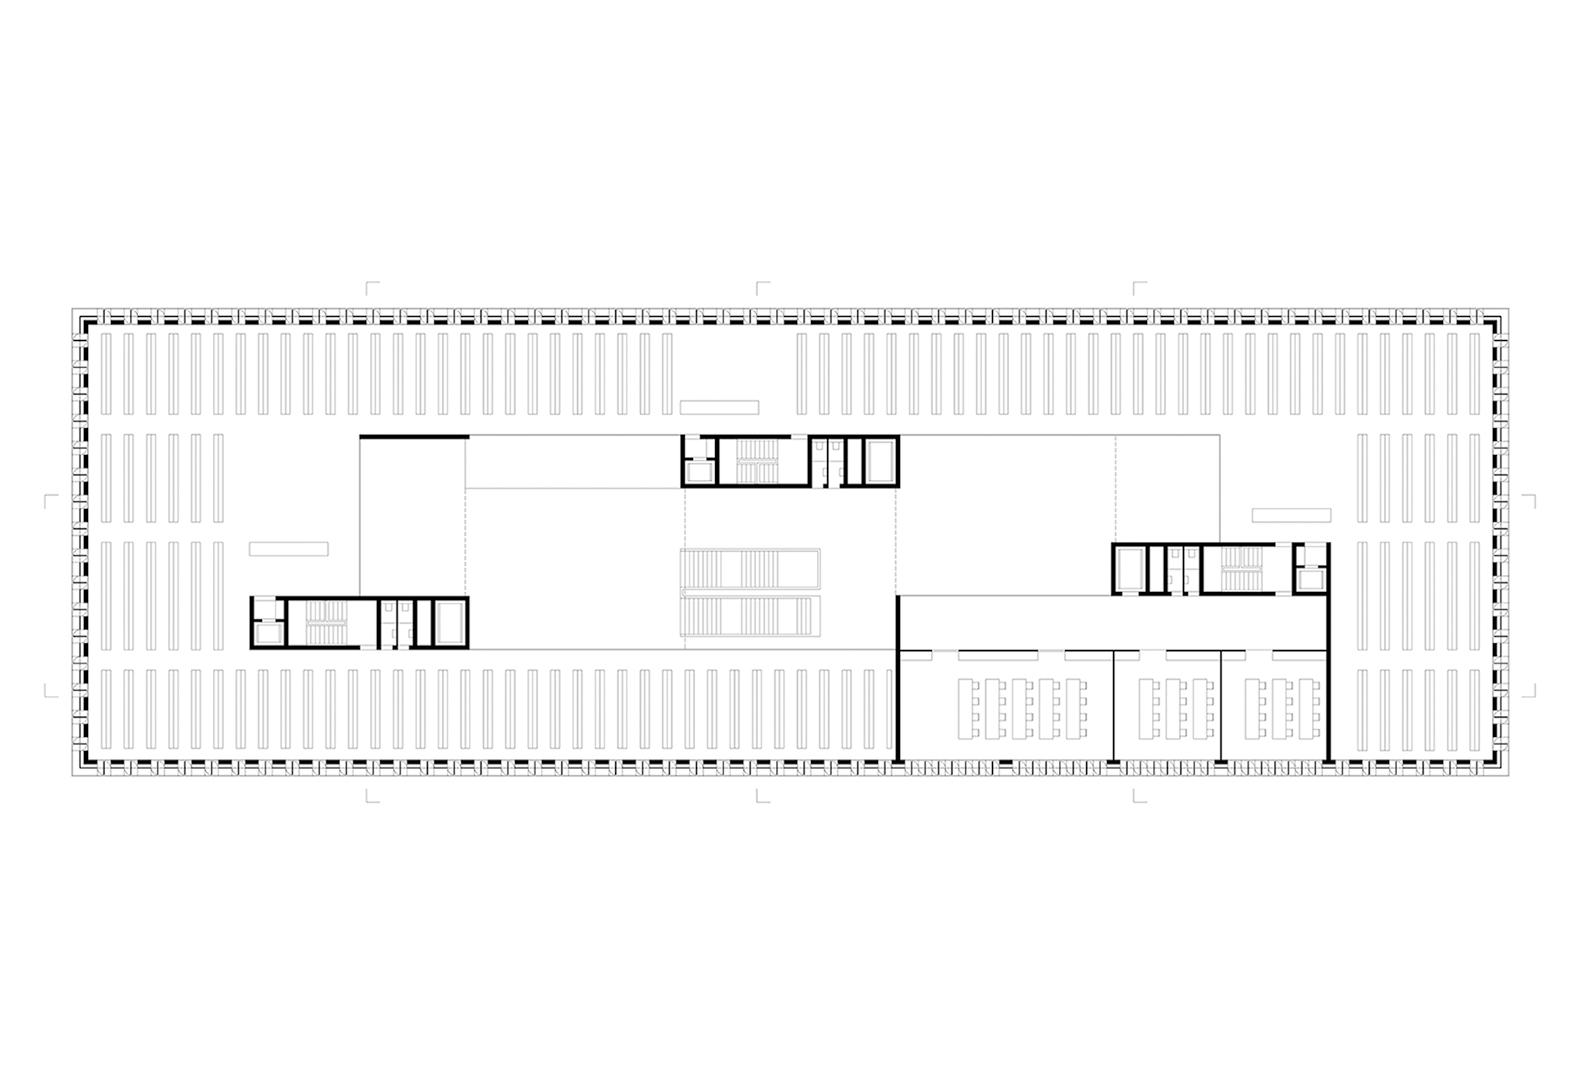 Bibliothekszentrum, Bozen | Sauerzapfe Architekten